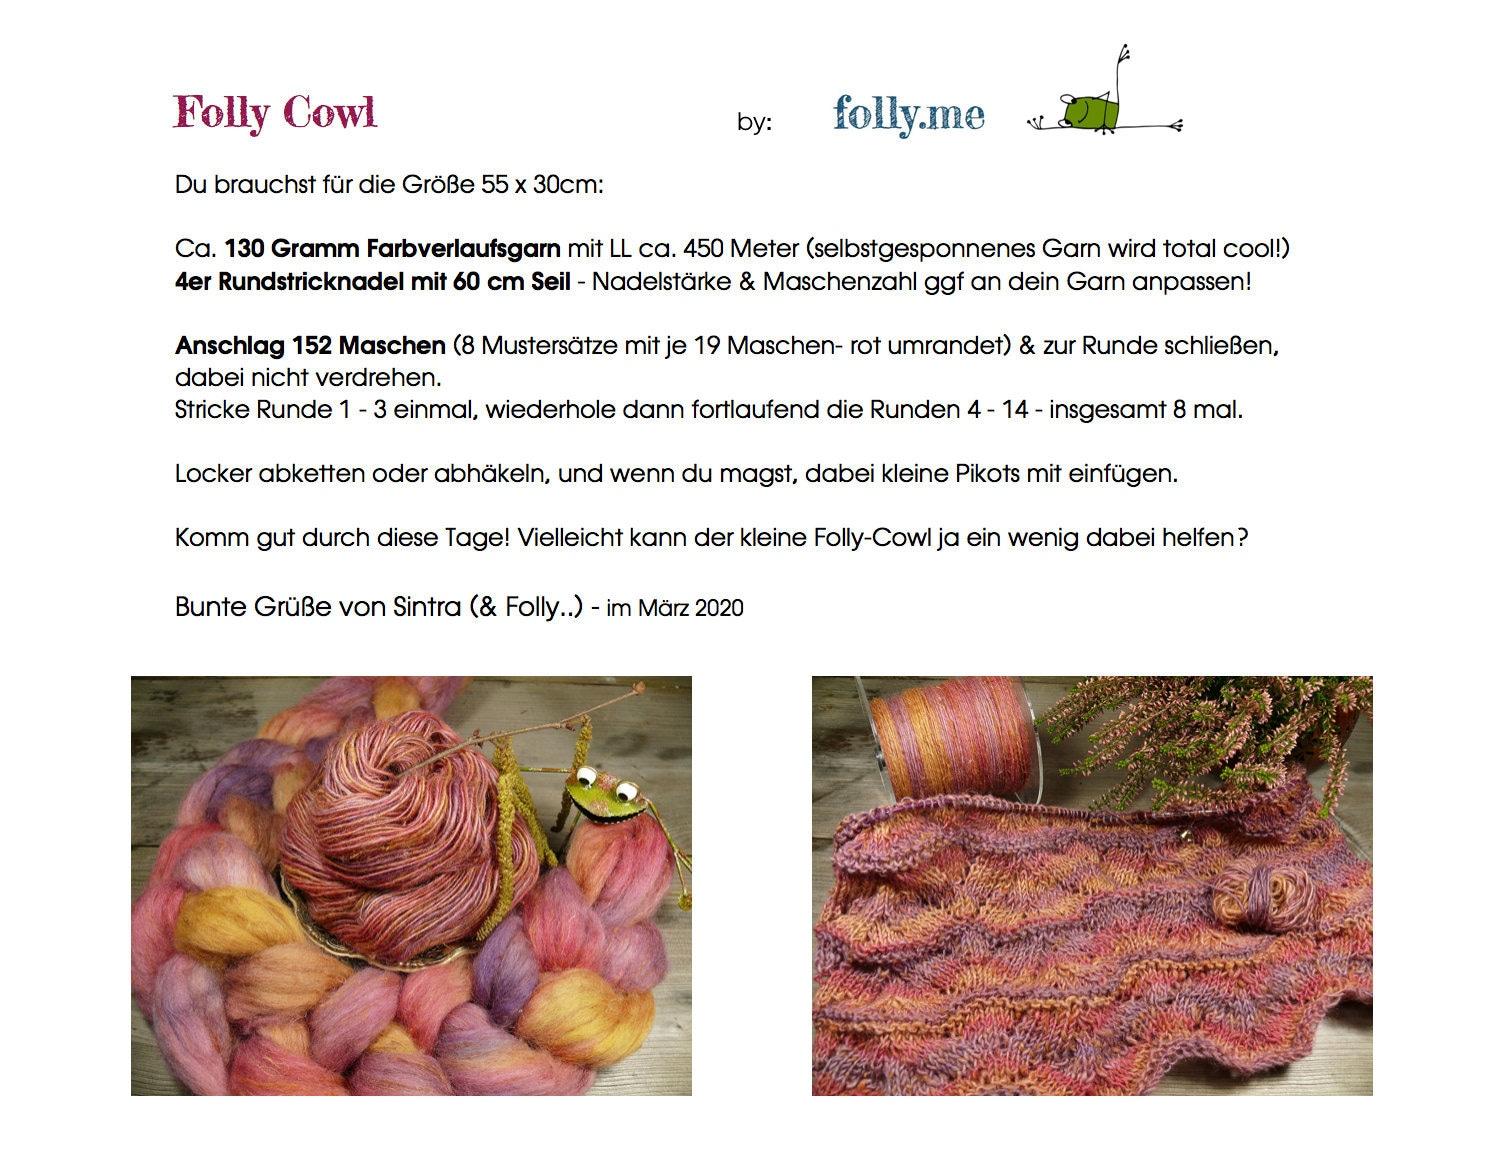 Folly Cowl kostenlose Anleitung von folly.me